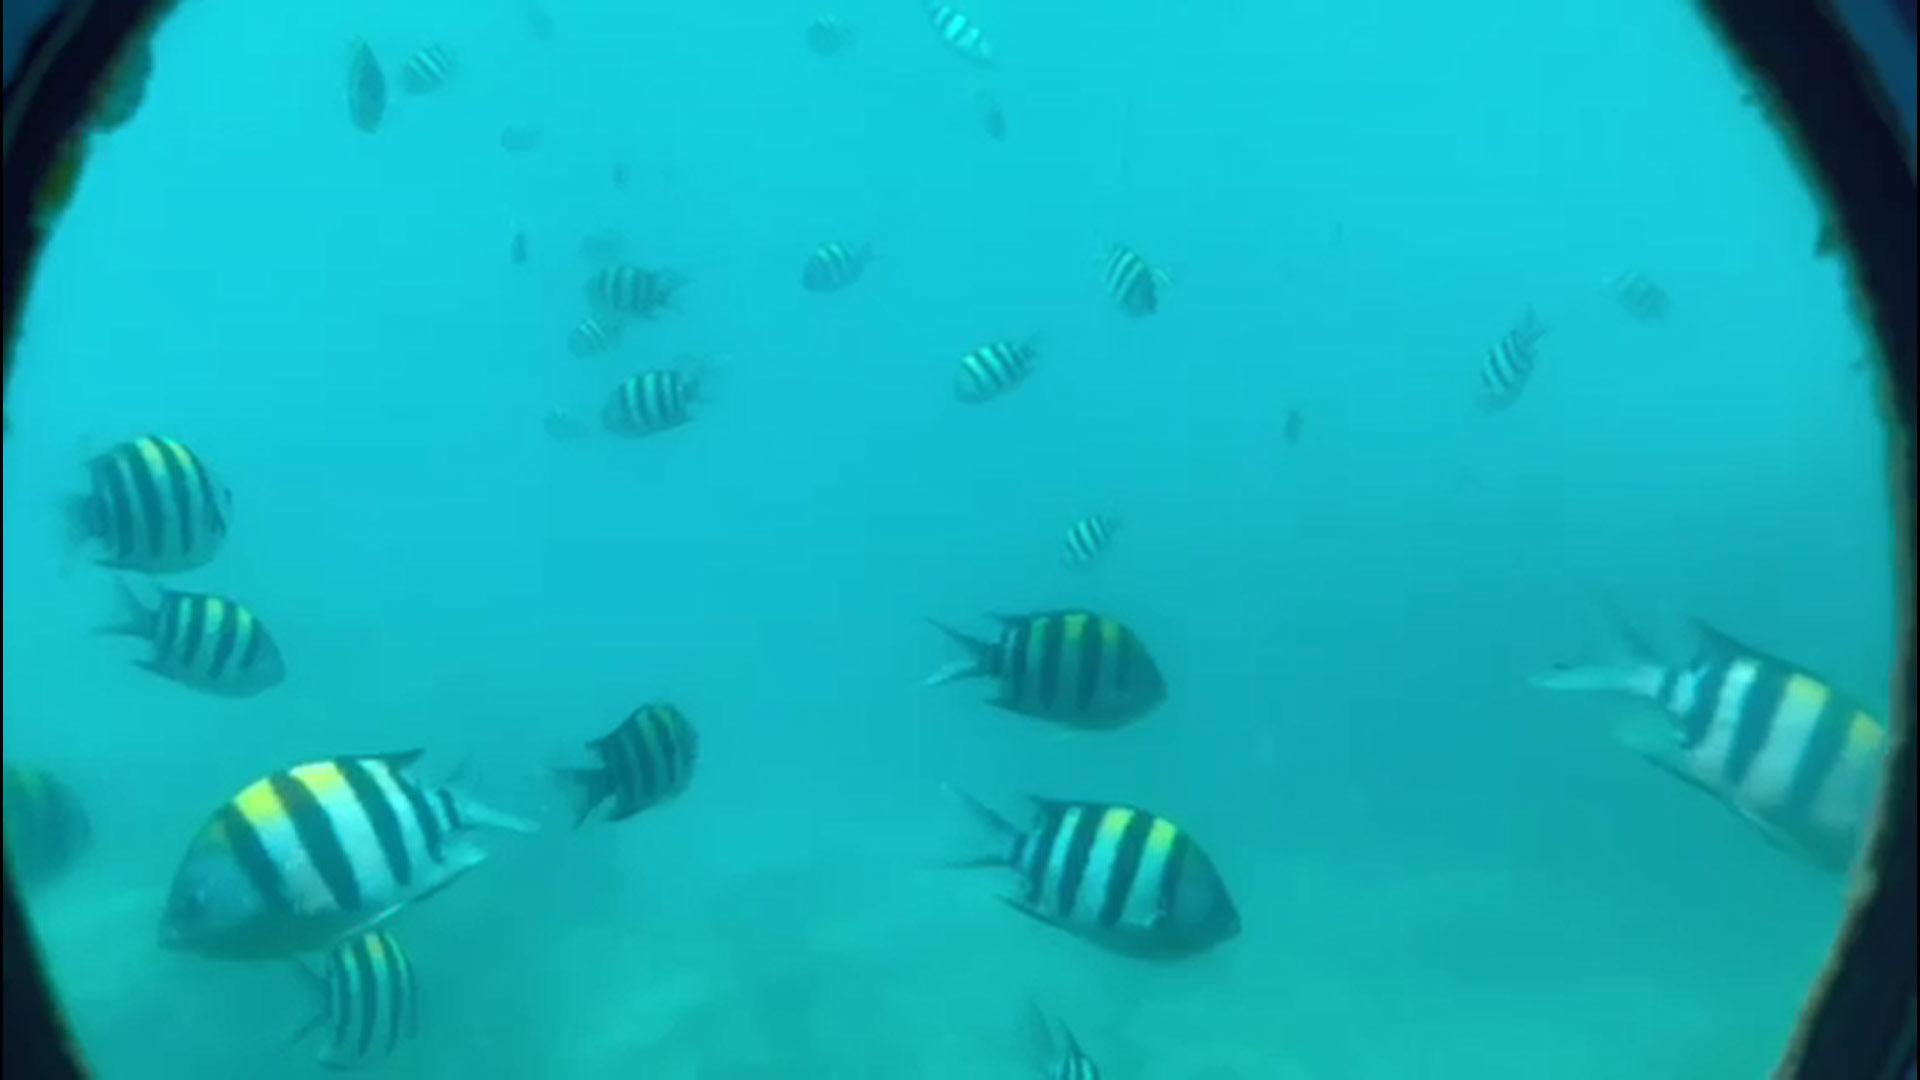 リアル水族館イメージ